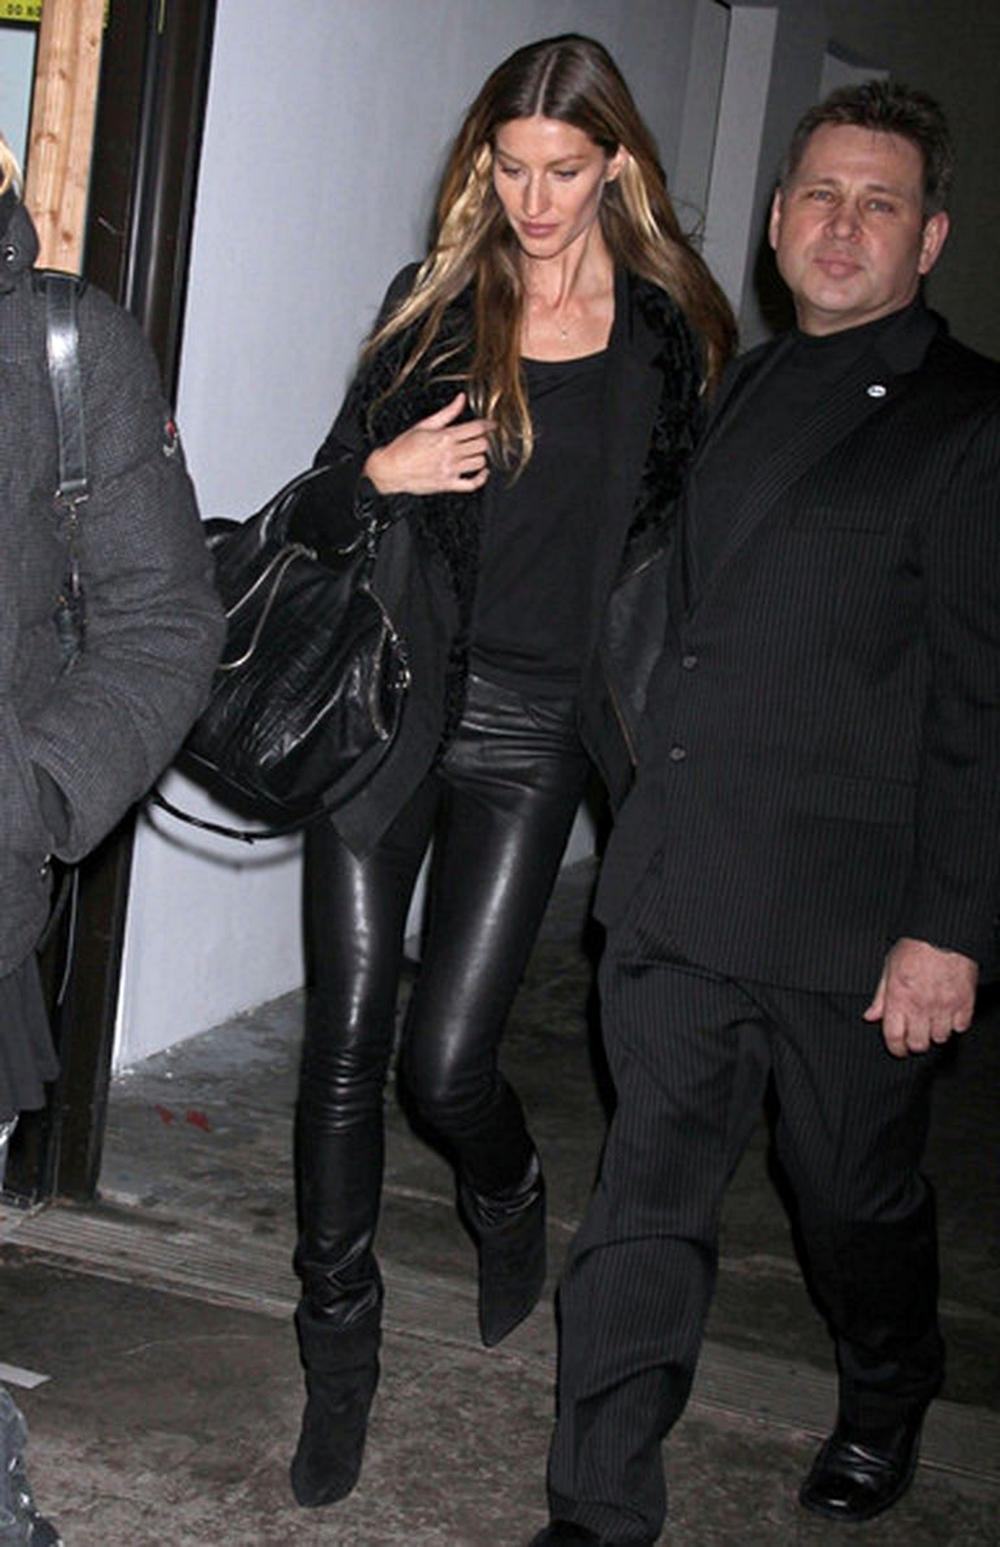 Gisele Bundchen 11.02.2012 01b.jpg